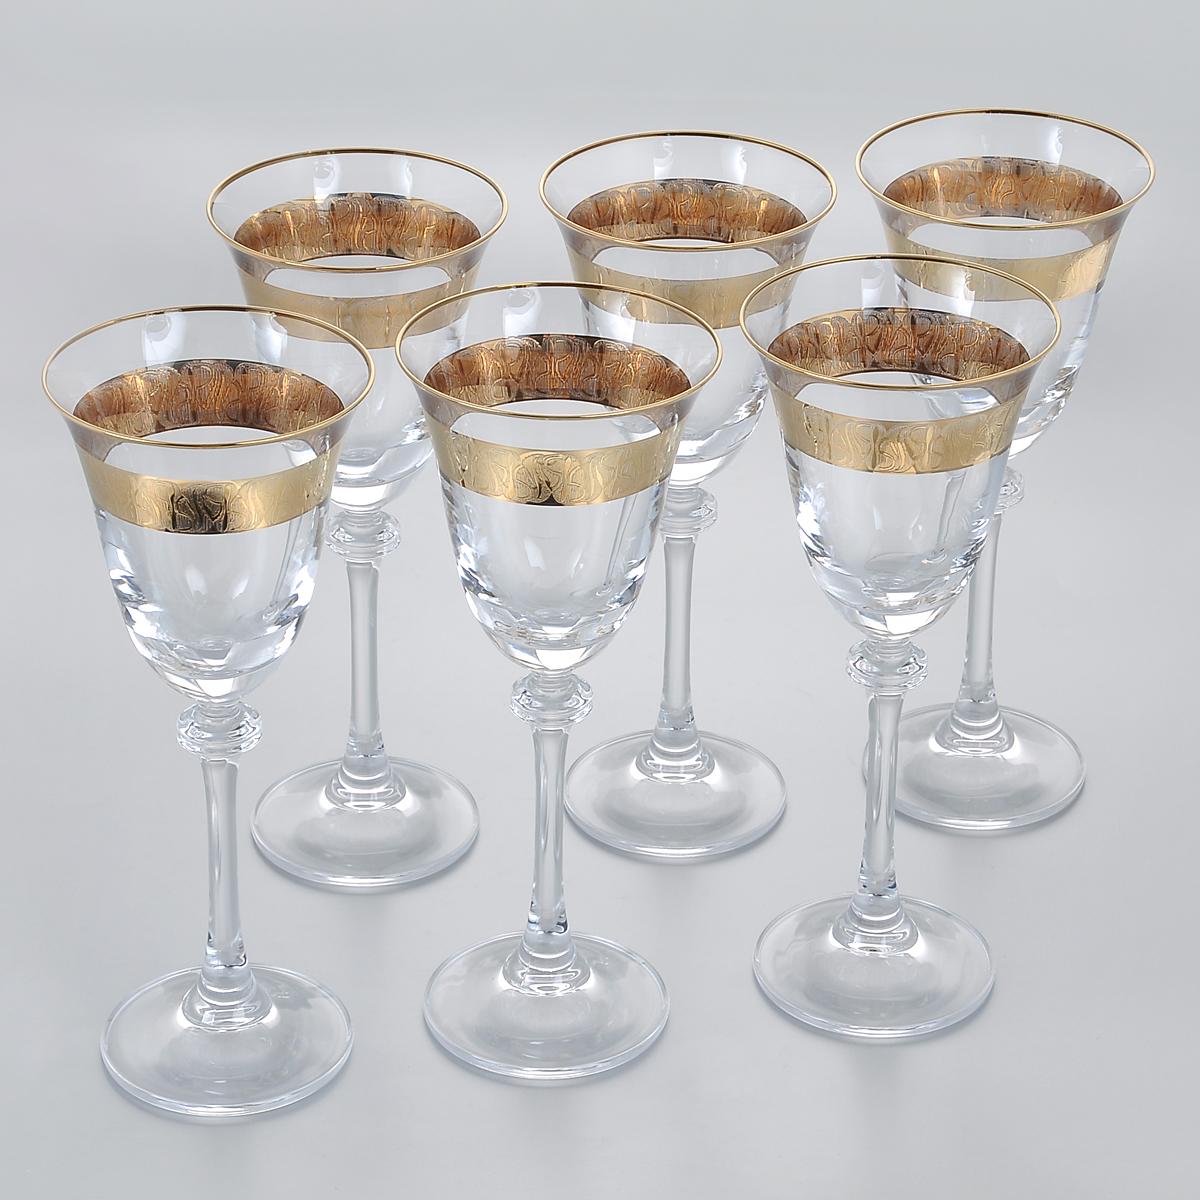 Набор бокалов для белого вина Crystalite Bohemia Александра, цвет: золотистый, 185 мл, 6 шт1SD70/185/436532KНабор Crystalite Bohemia Александра состоит из шести бокалов, выполненных из прочного высококачественного прозрачного стекла. Изящные бокалы на высоких ножках, декорированные золотистым орнаментом и окантовкой, прекрасно подойдут для подачи белого вина. Они излучают приятный блеск и издают мелодичный звон. Бокалы сочетают в себе элегантный дизайн и функциональность. Благодаря такому набору пить напитки будет еще вкуснее.Набор бокалов Crystalite Bohemia Александра прекрасно оформит праздничный стол и создаст приятную атмосферу за романтическим ужином. Такой набор также станет хорошим подарком к любому случаю. Не использовать в посудомоечной машине и микроволновой печи.